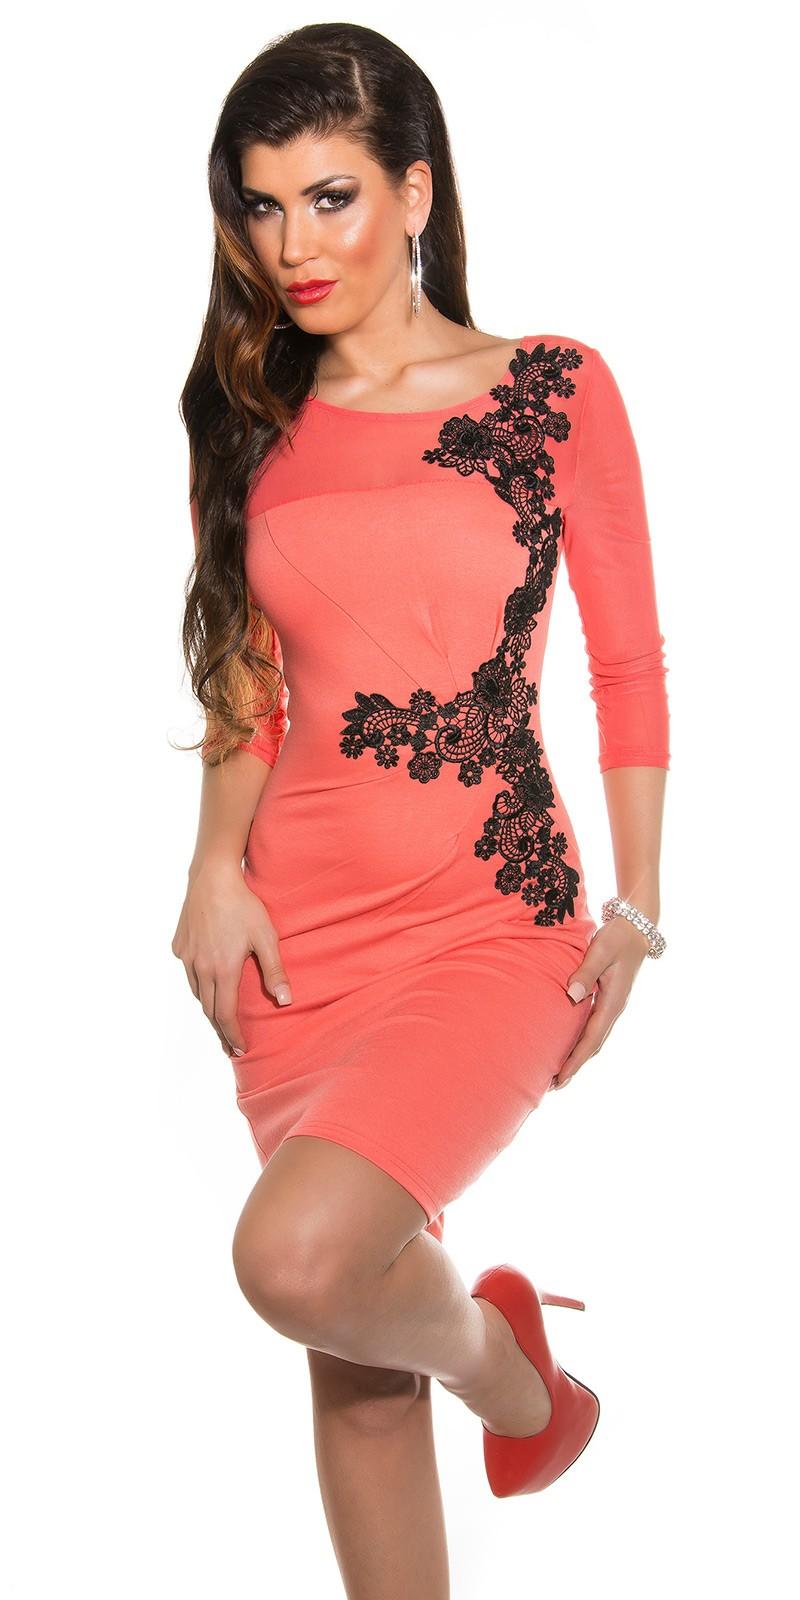 Fekete horgolt csipke díszítésű női alkalmi ruha - Lazac (36-42). Az Ön  értékelése  2b834218ea